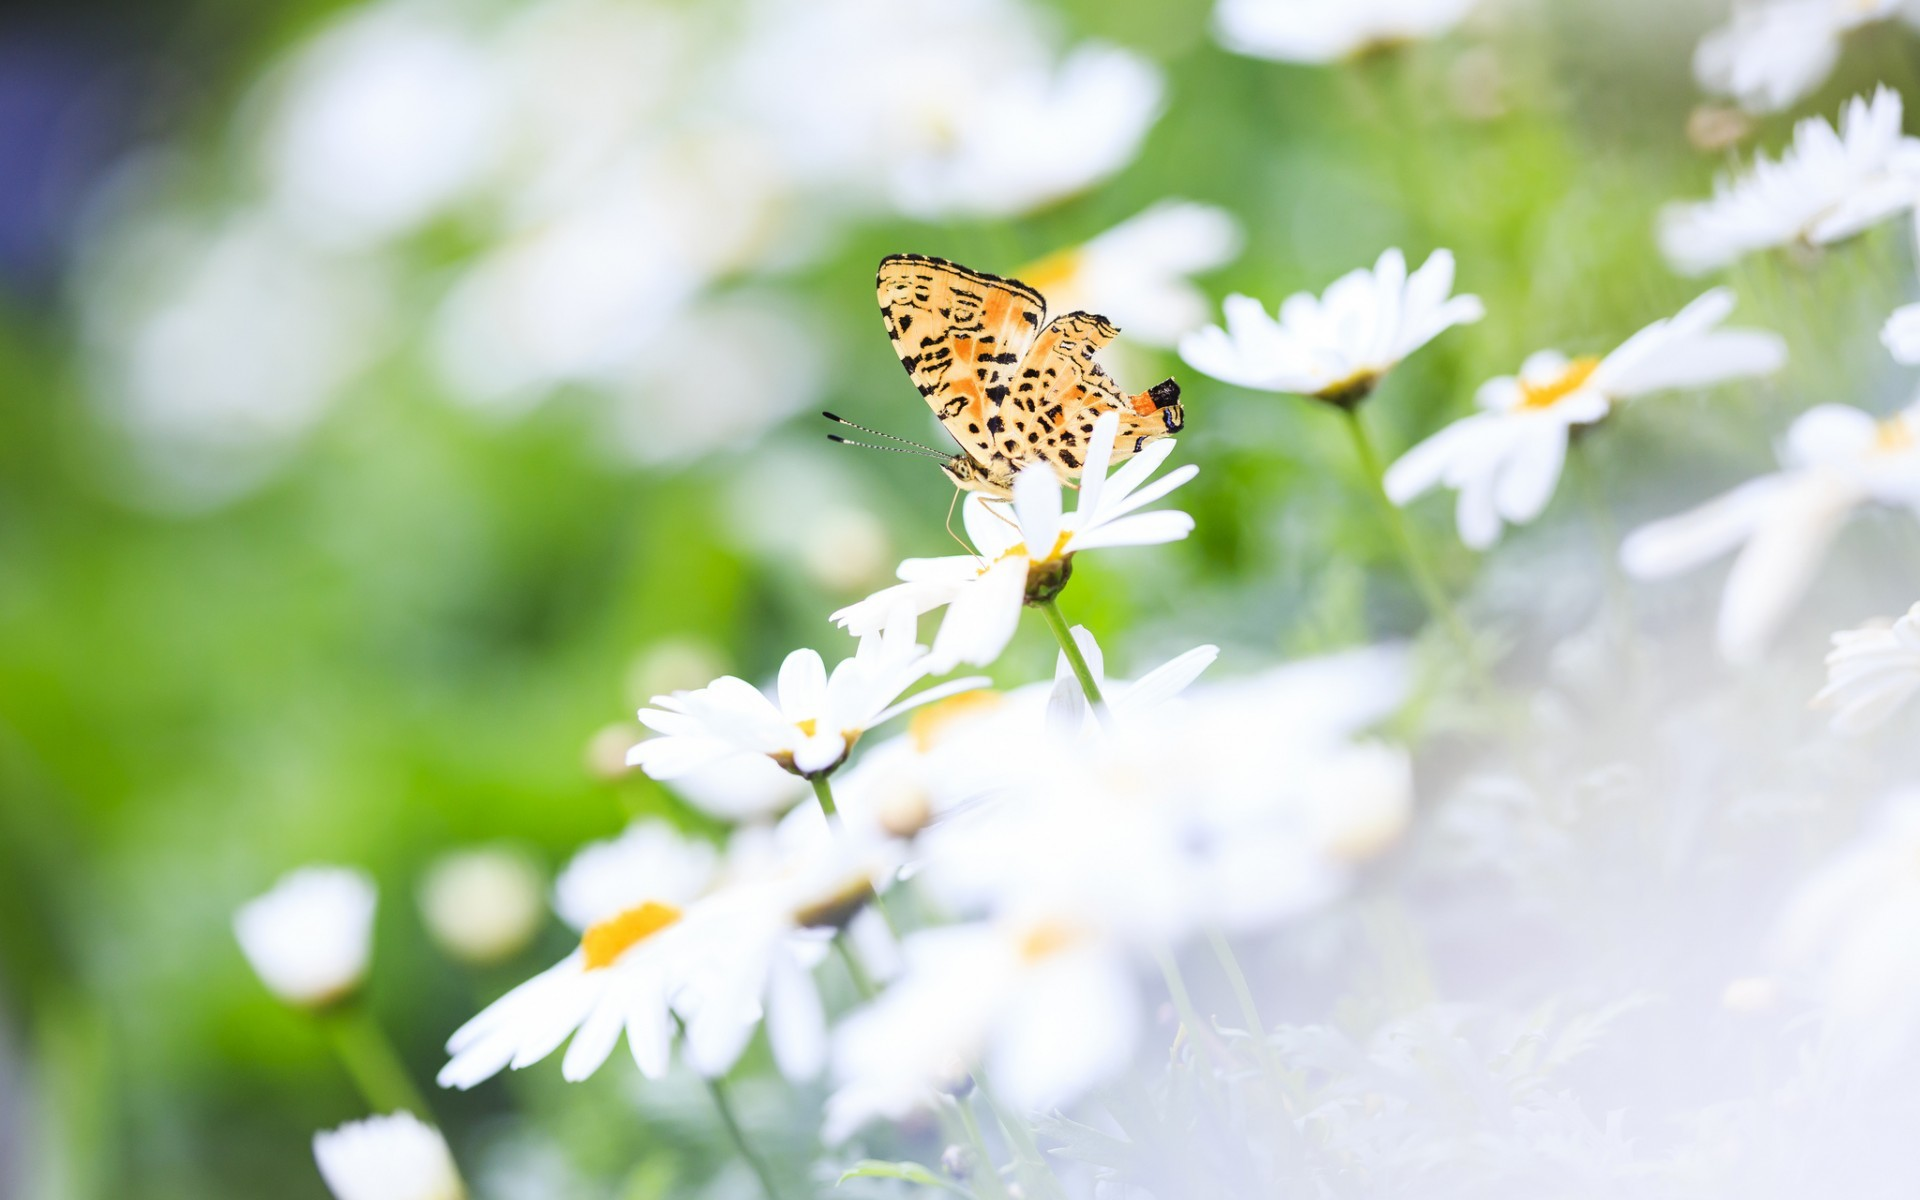 39500 Заставки и Обои Бабочки на телефон. Скачать Бабочки, Насекомые картинки бесплатно